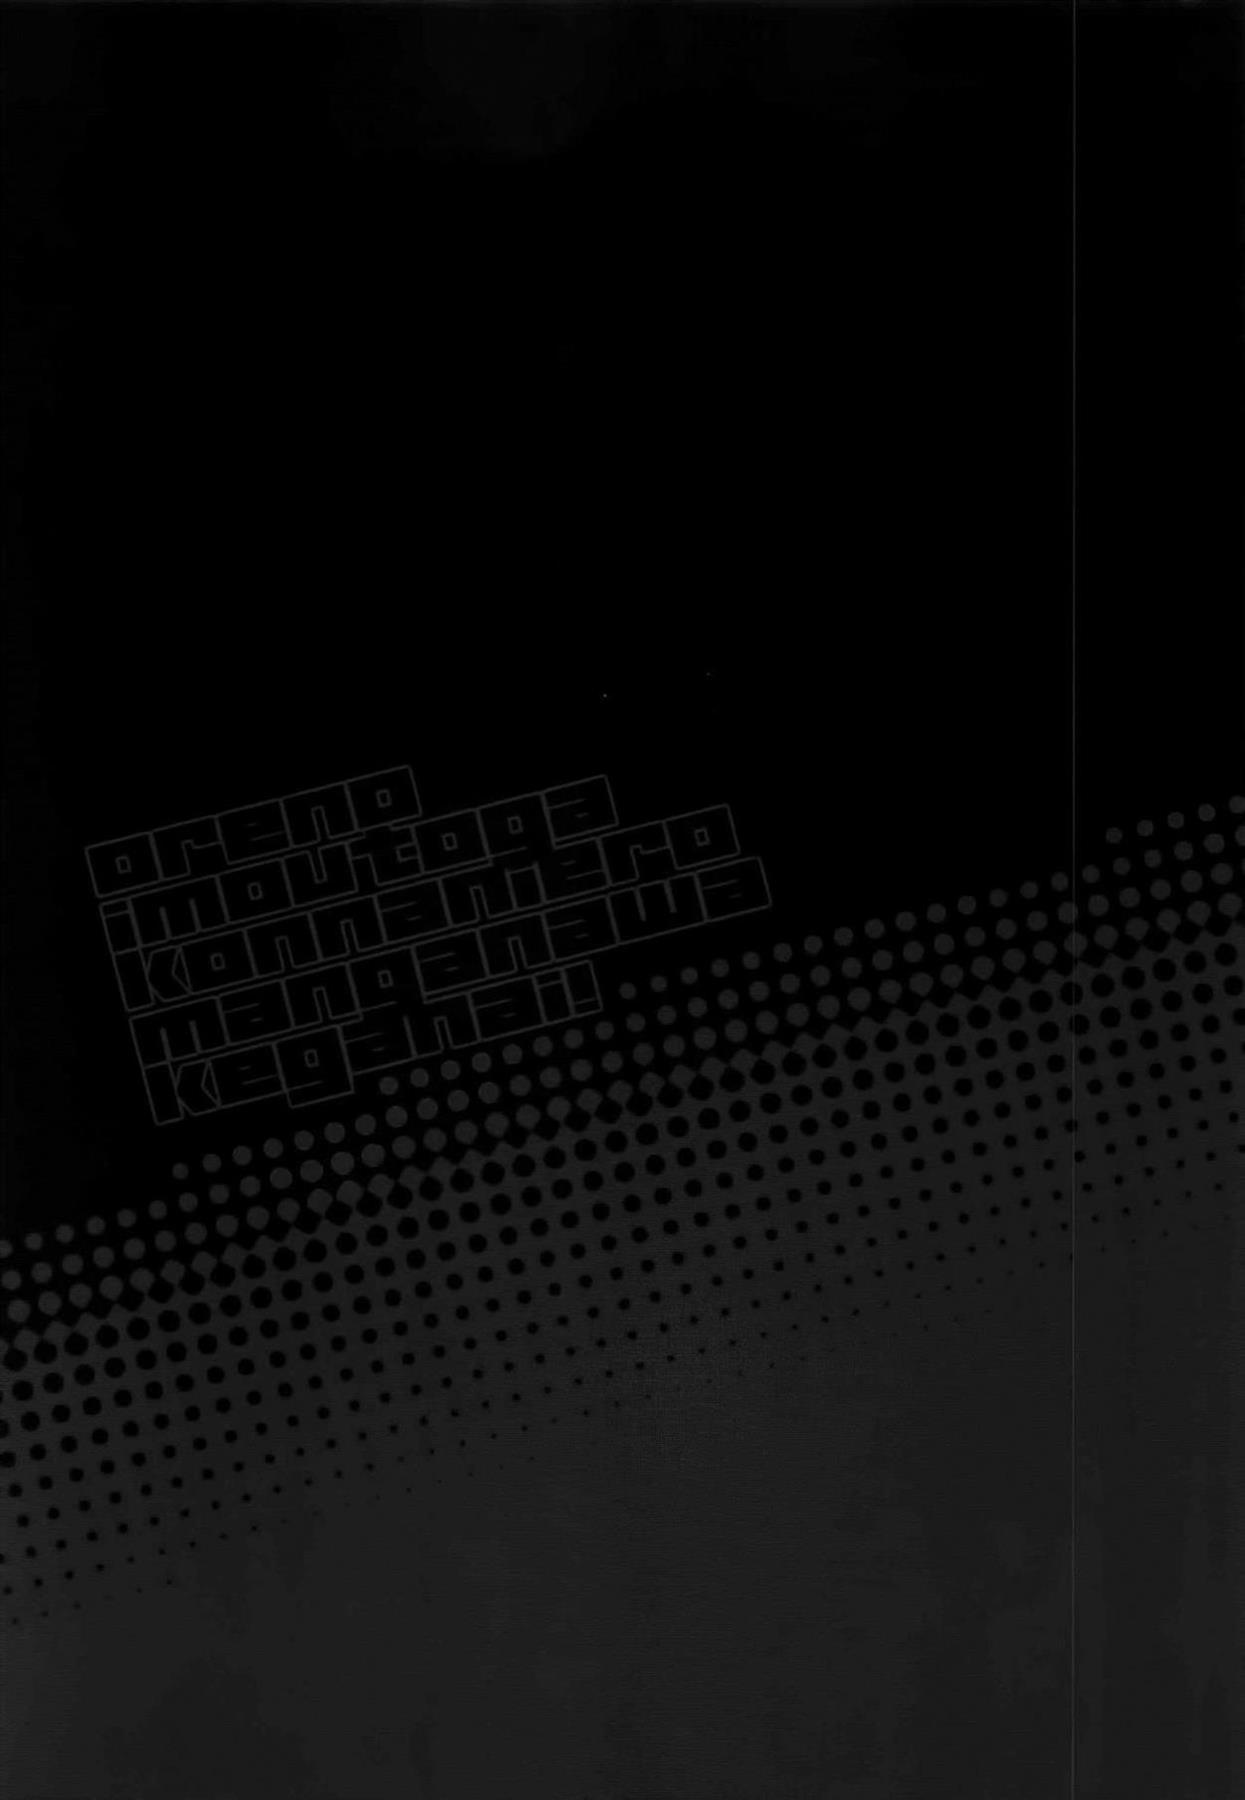 あやせと黒猫のコスプレぶっかけ撮影会と高坂兄妹のアナルセックスからの妹メス奴隷wwwwww【俺妹 エロ漫画・同人誌】 (49)